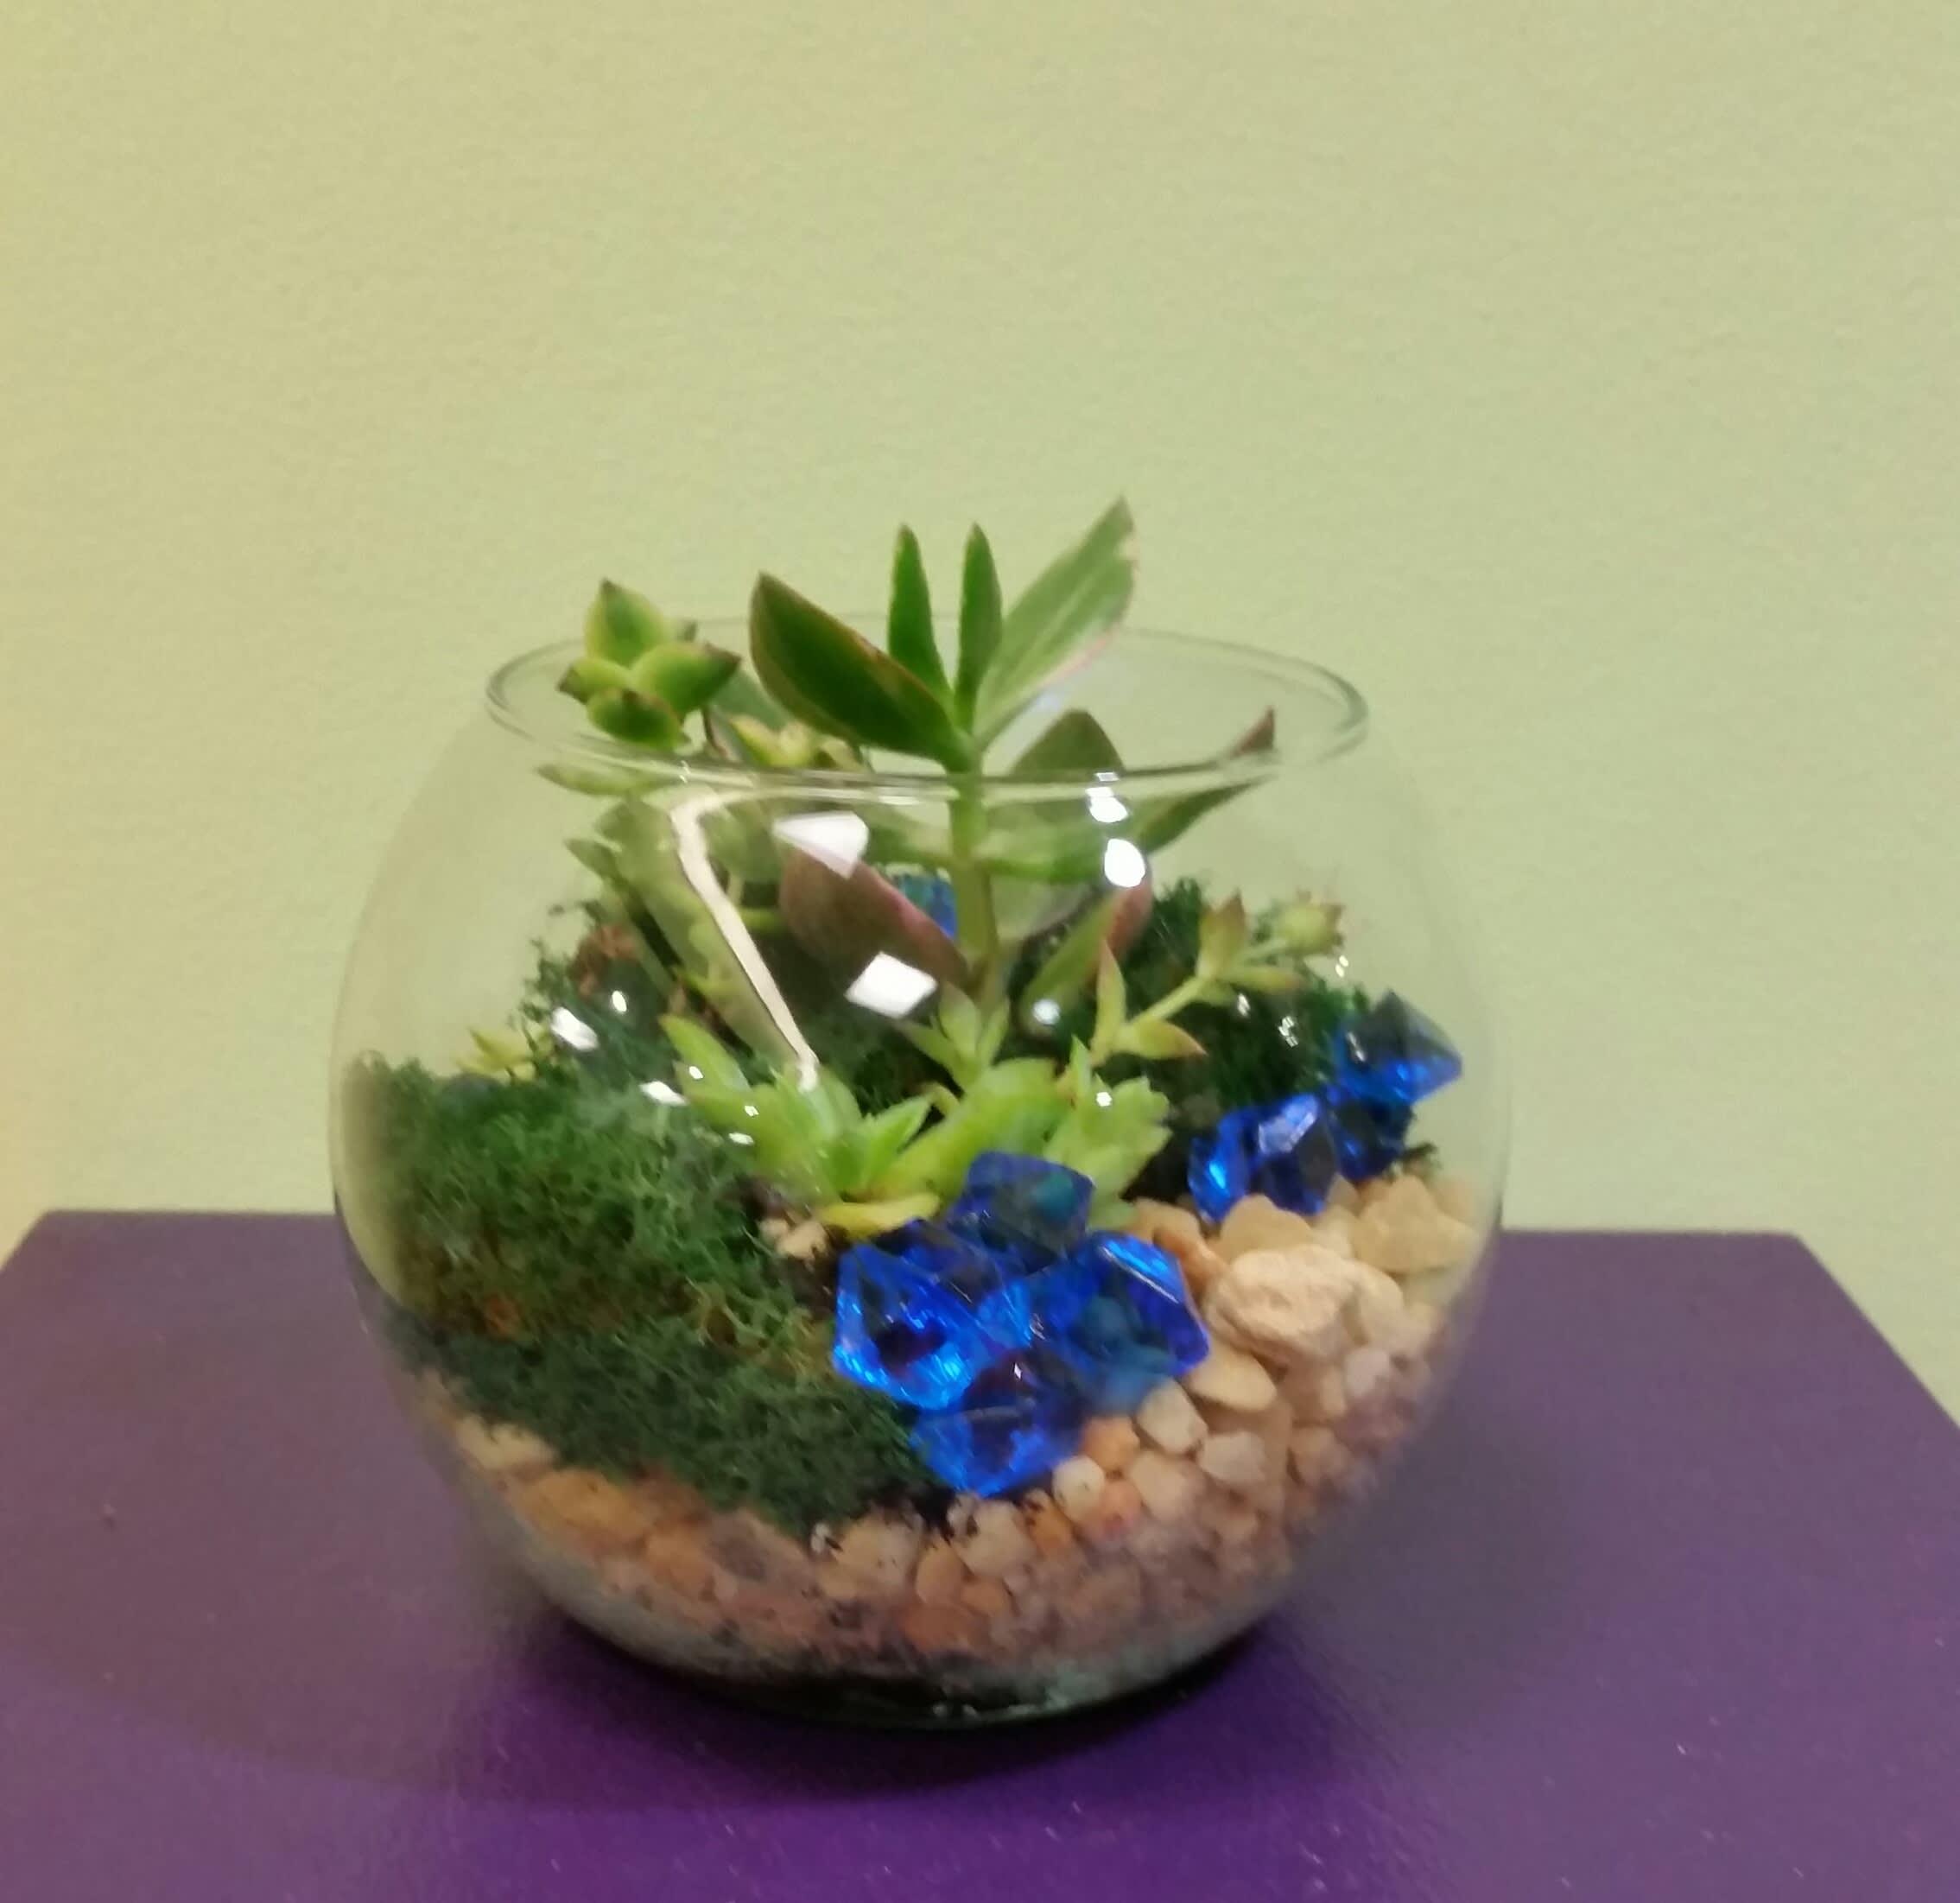 Fishbowl Terrarium In Philadelphia Pa Philadelphia Flower Market